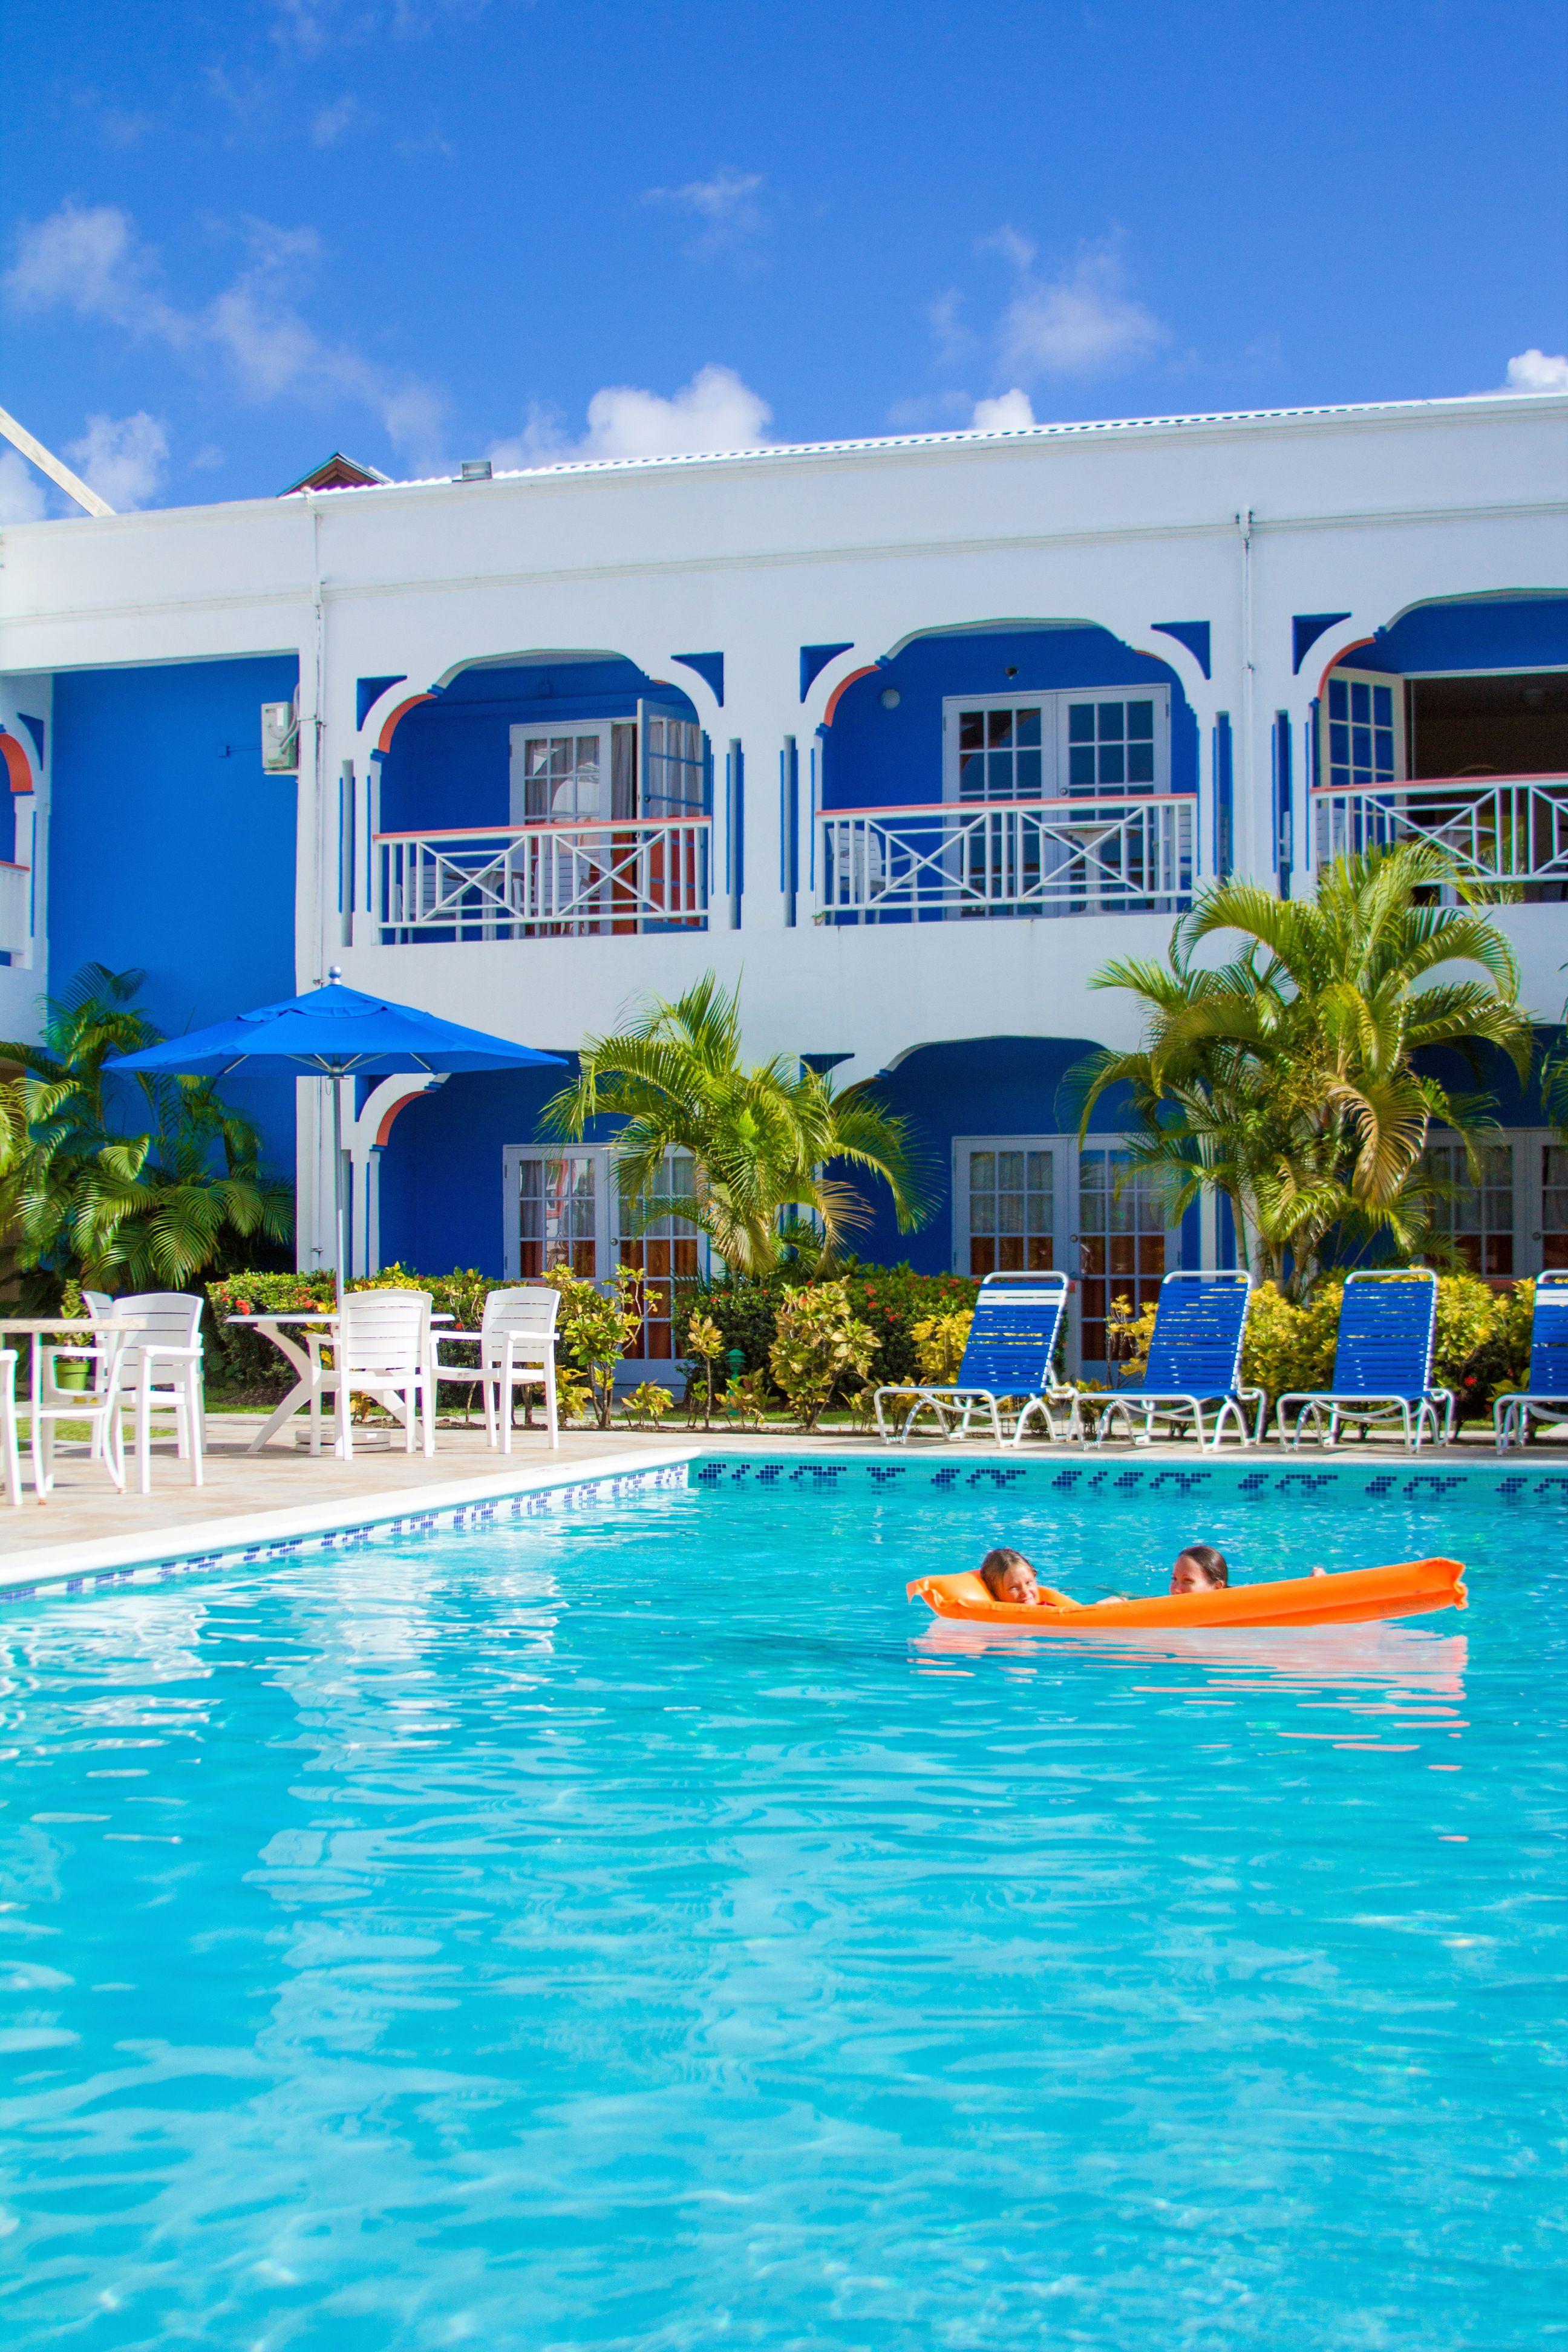 c89dcff6d17d9e84d95c90afa011c3c5 - Bay Gardens Beach Resort St Lucia Caribbean